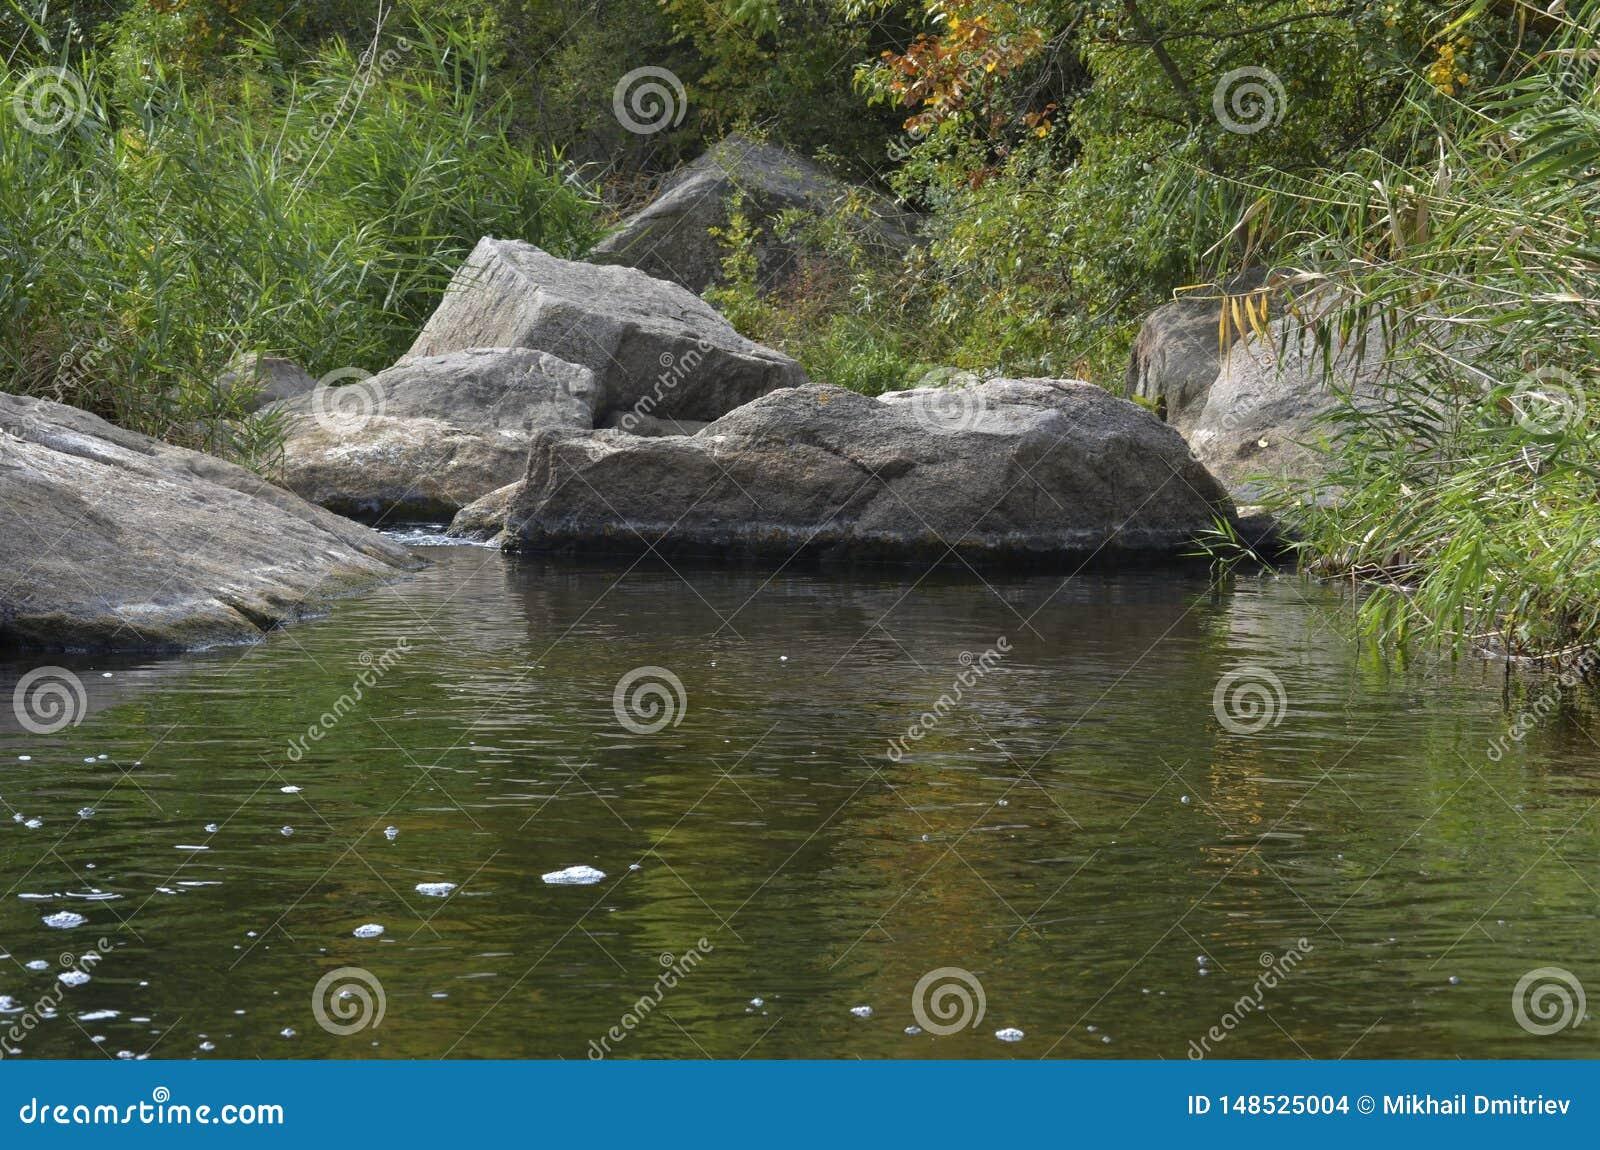 Kamienni gwałtowni w Deadwater, Mertvovod rzecznych/na którym płynie wzdłuż dna Aktovsky jar